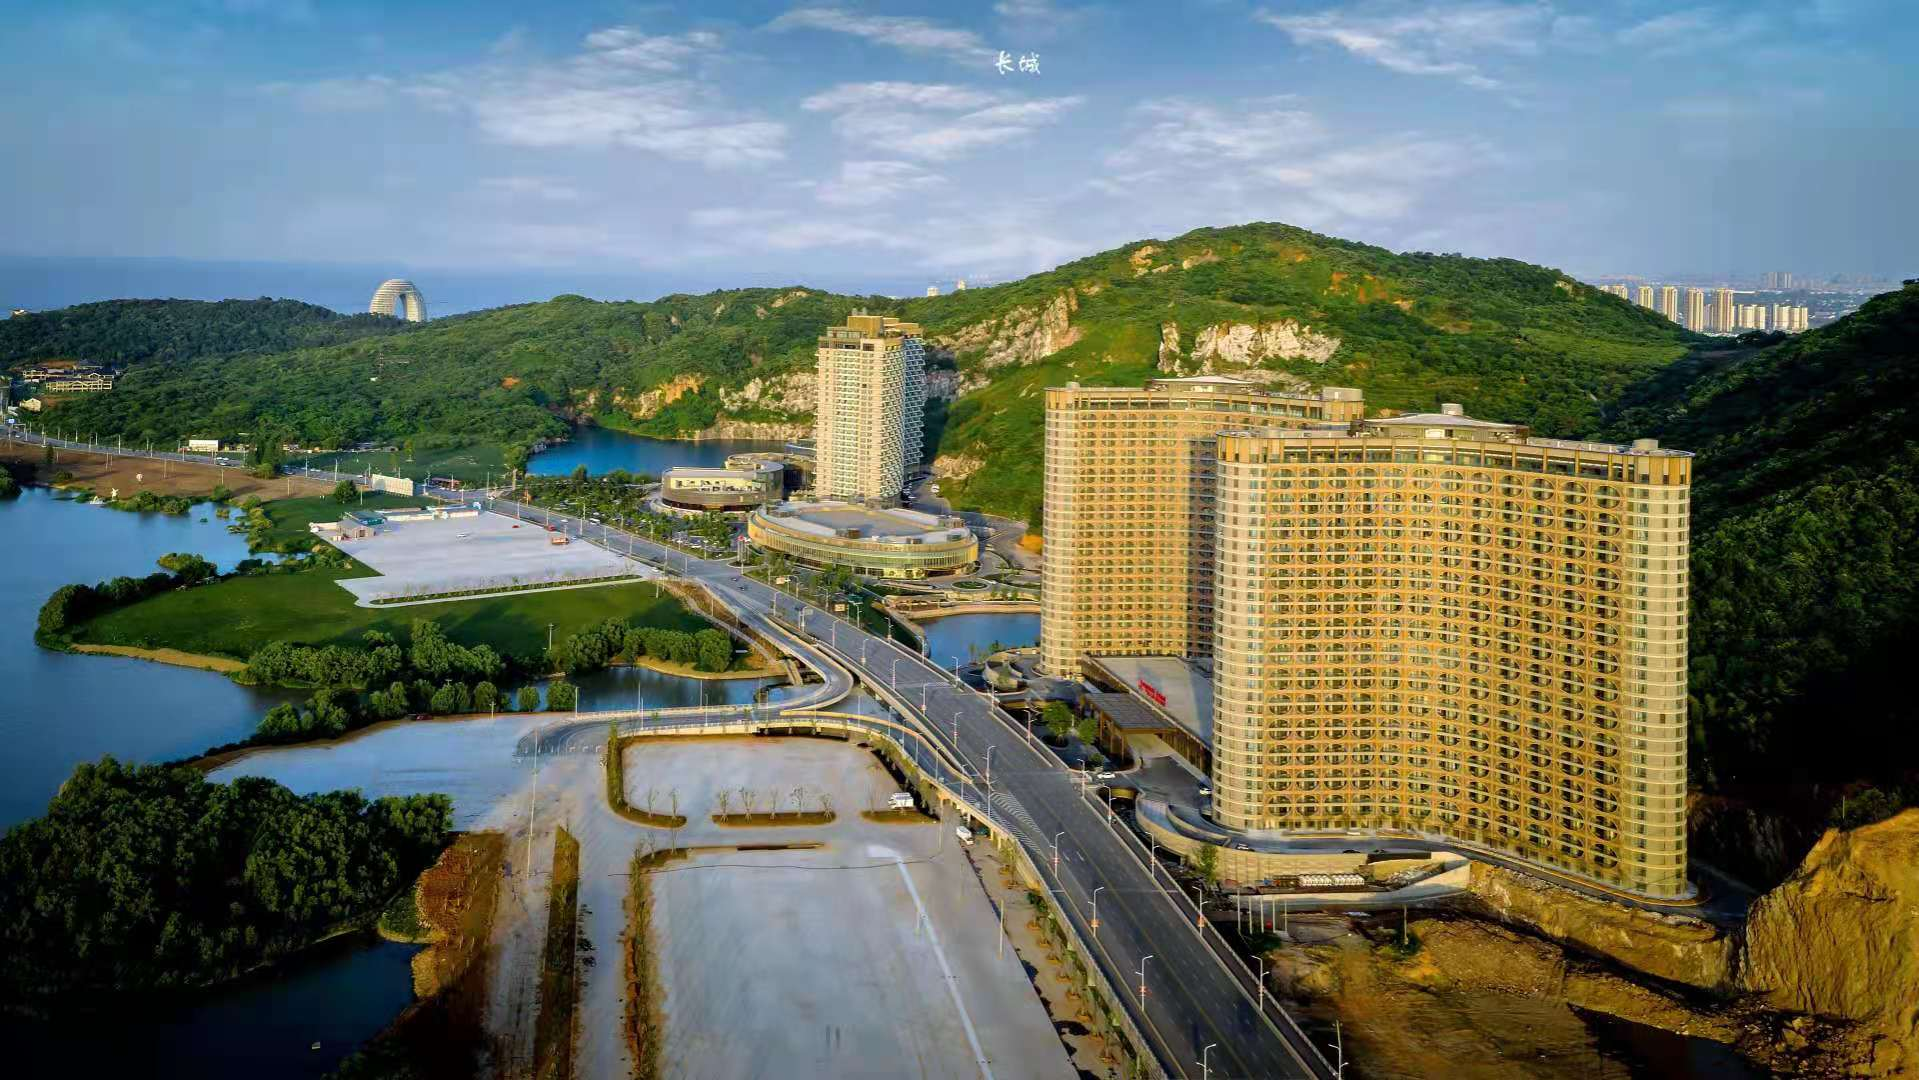 浙江太龙湖之梦酒店项目